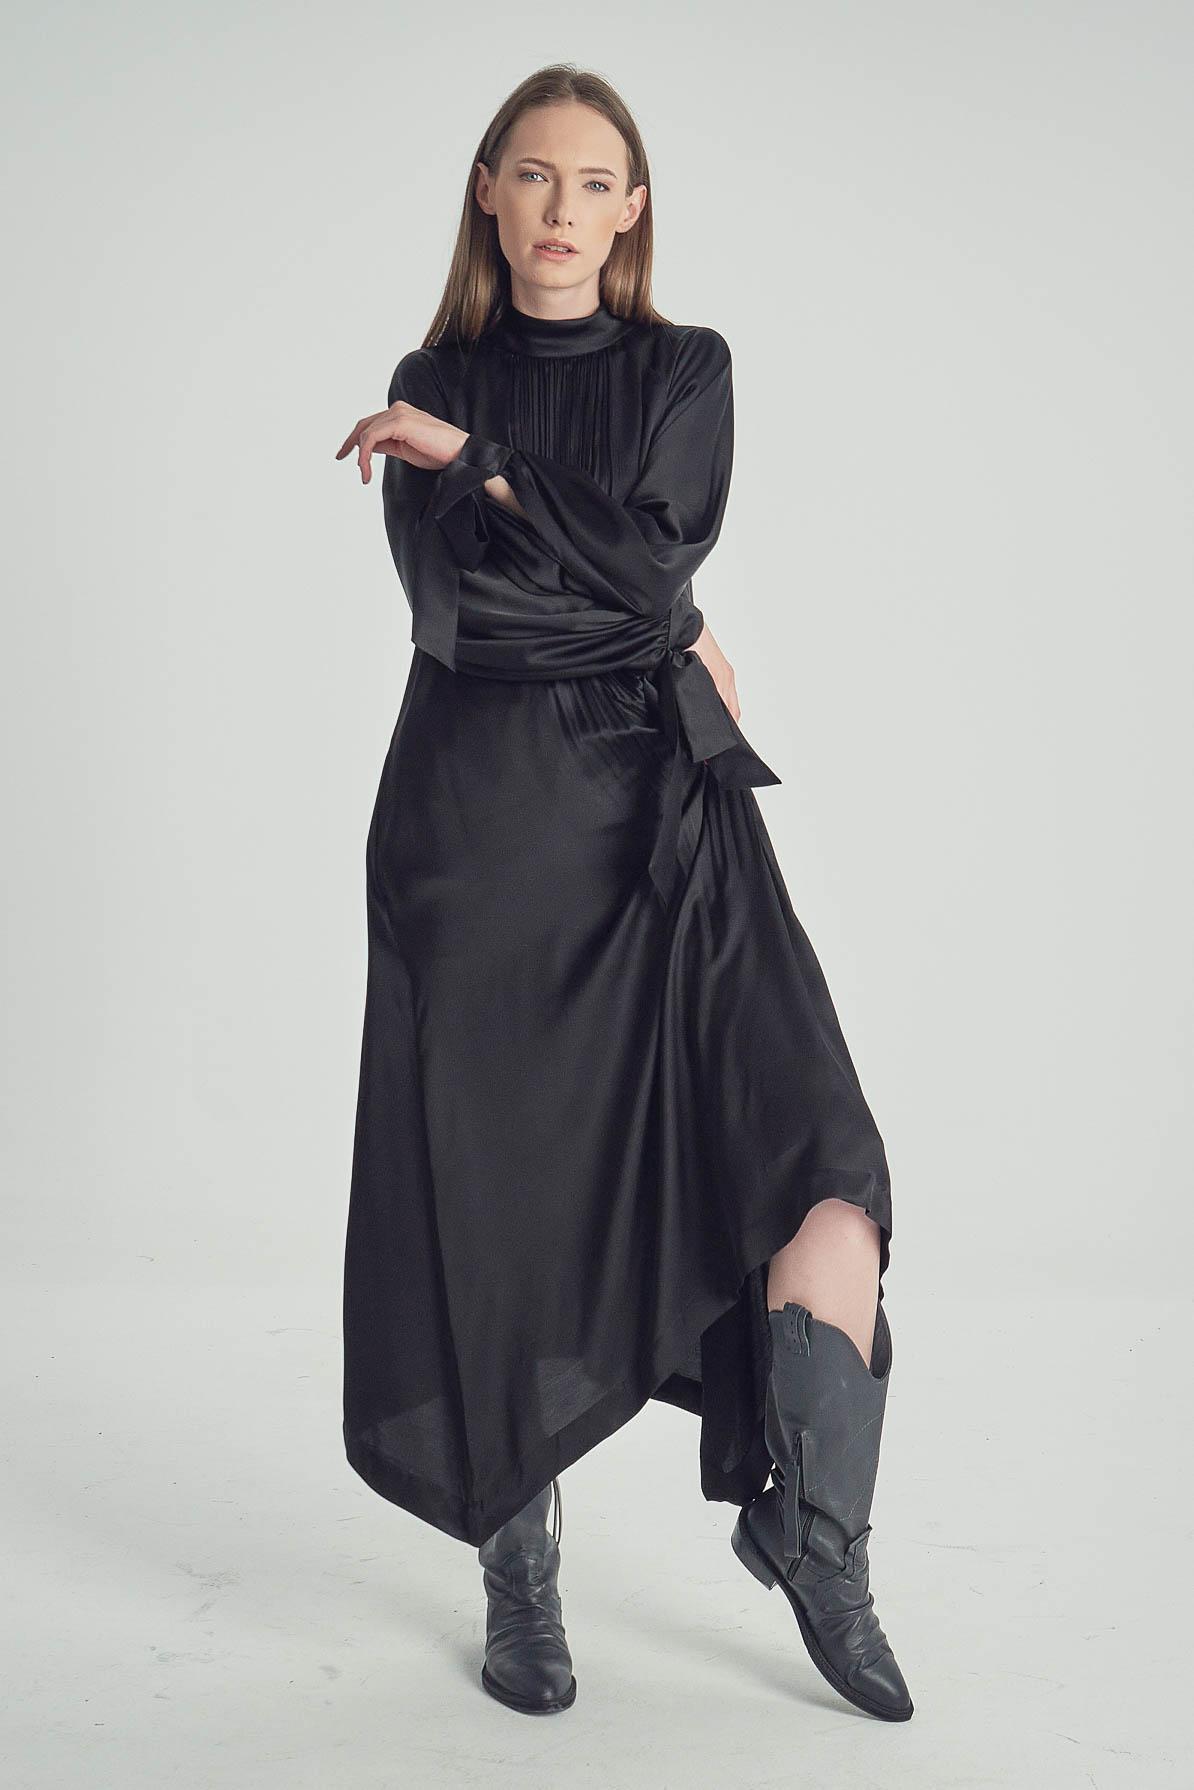 Rochia Black Fine